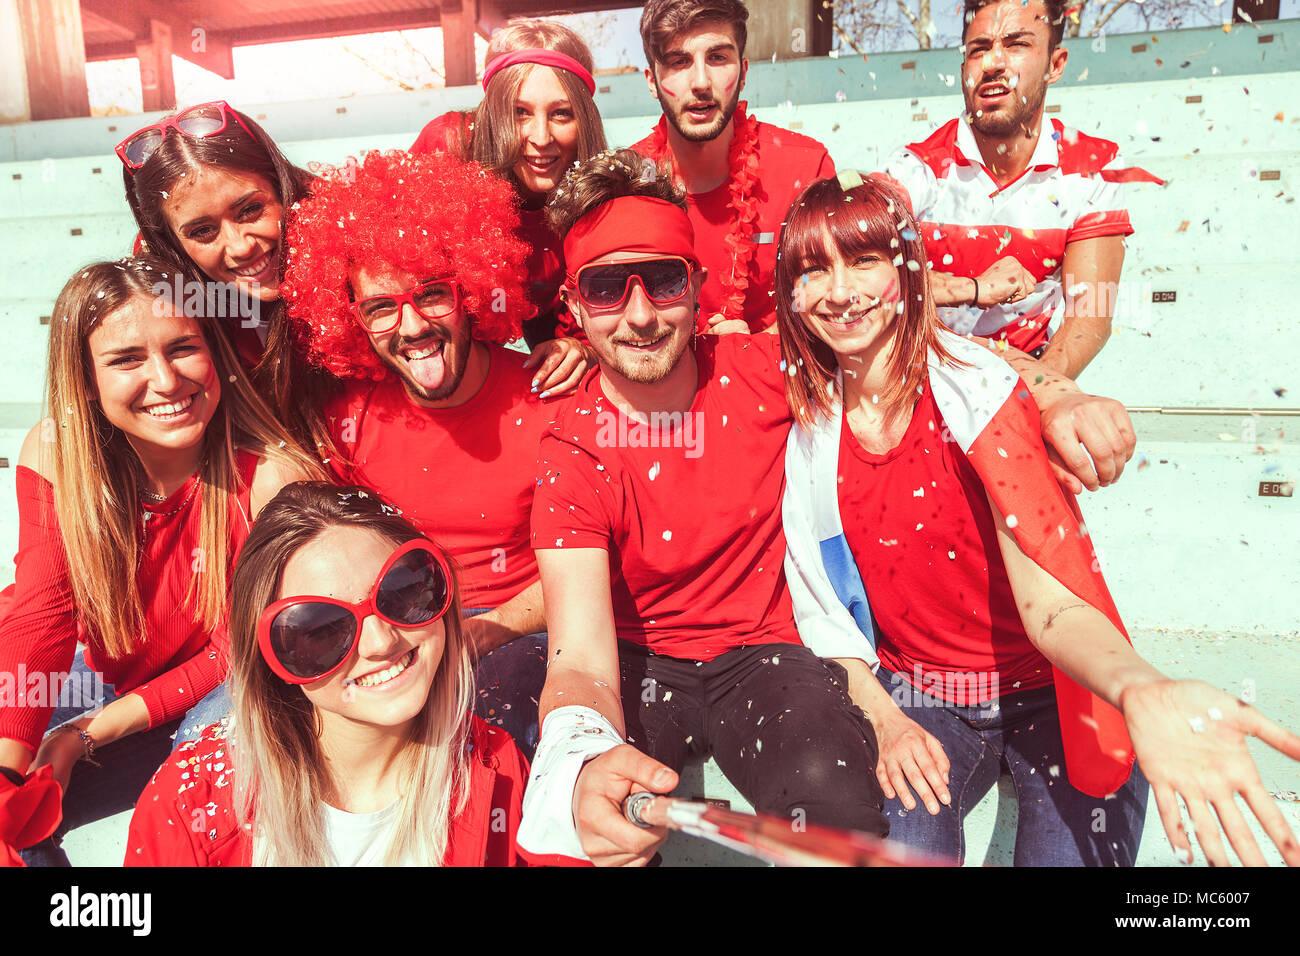 Gruppo di fan vestiti di rosso il colore prende un selfie nelle gabbie di  uno stadio durante un evento di sport 11ad3d532a3